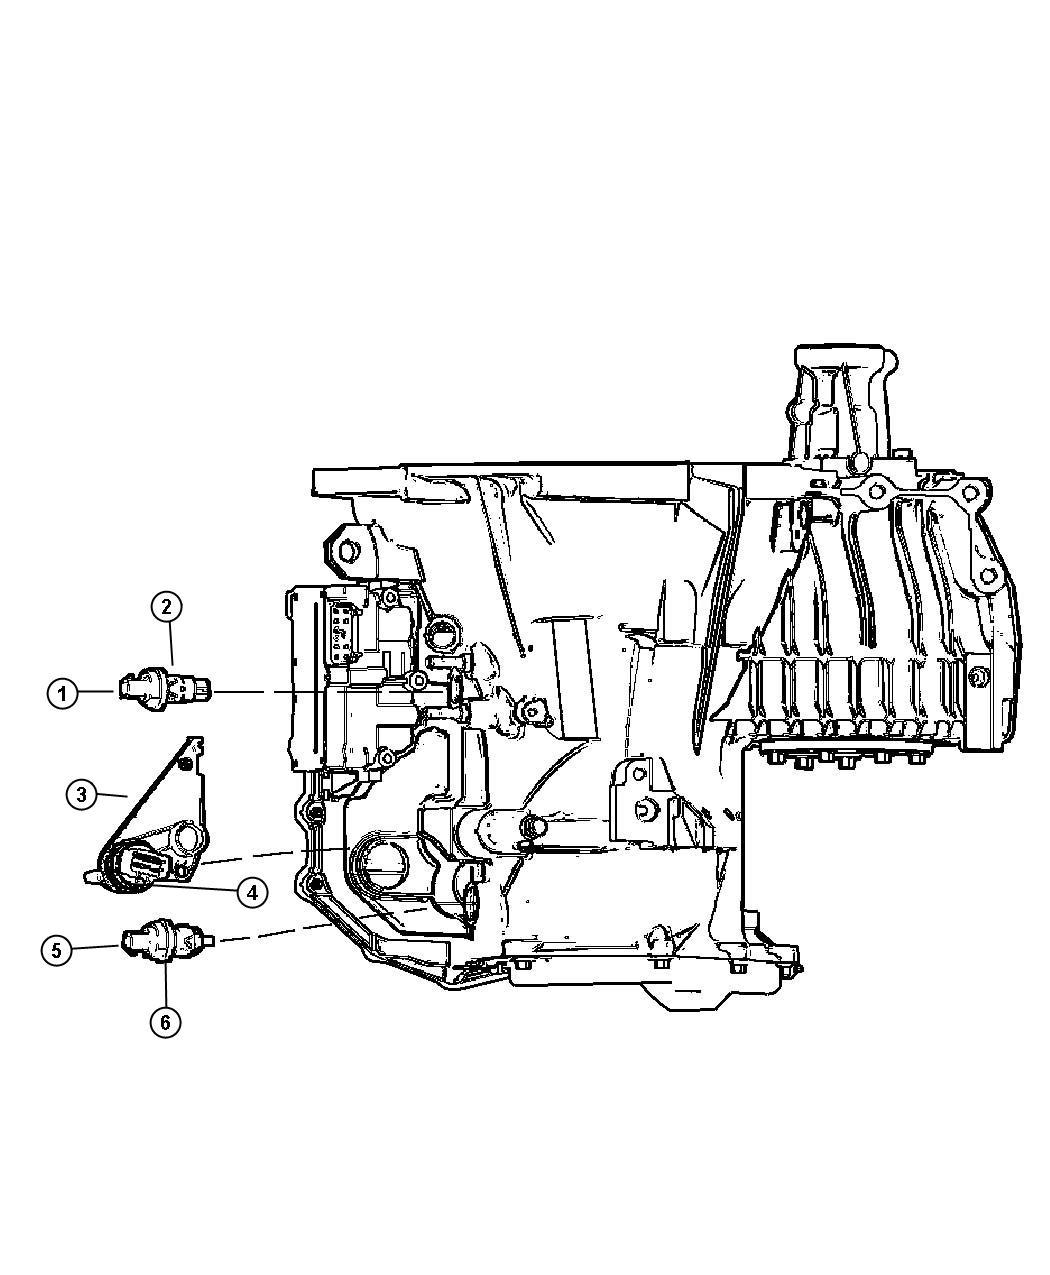 Chrysler LHS Sensor. Manual valve lever. After 9-29-98